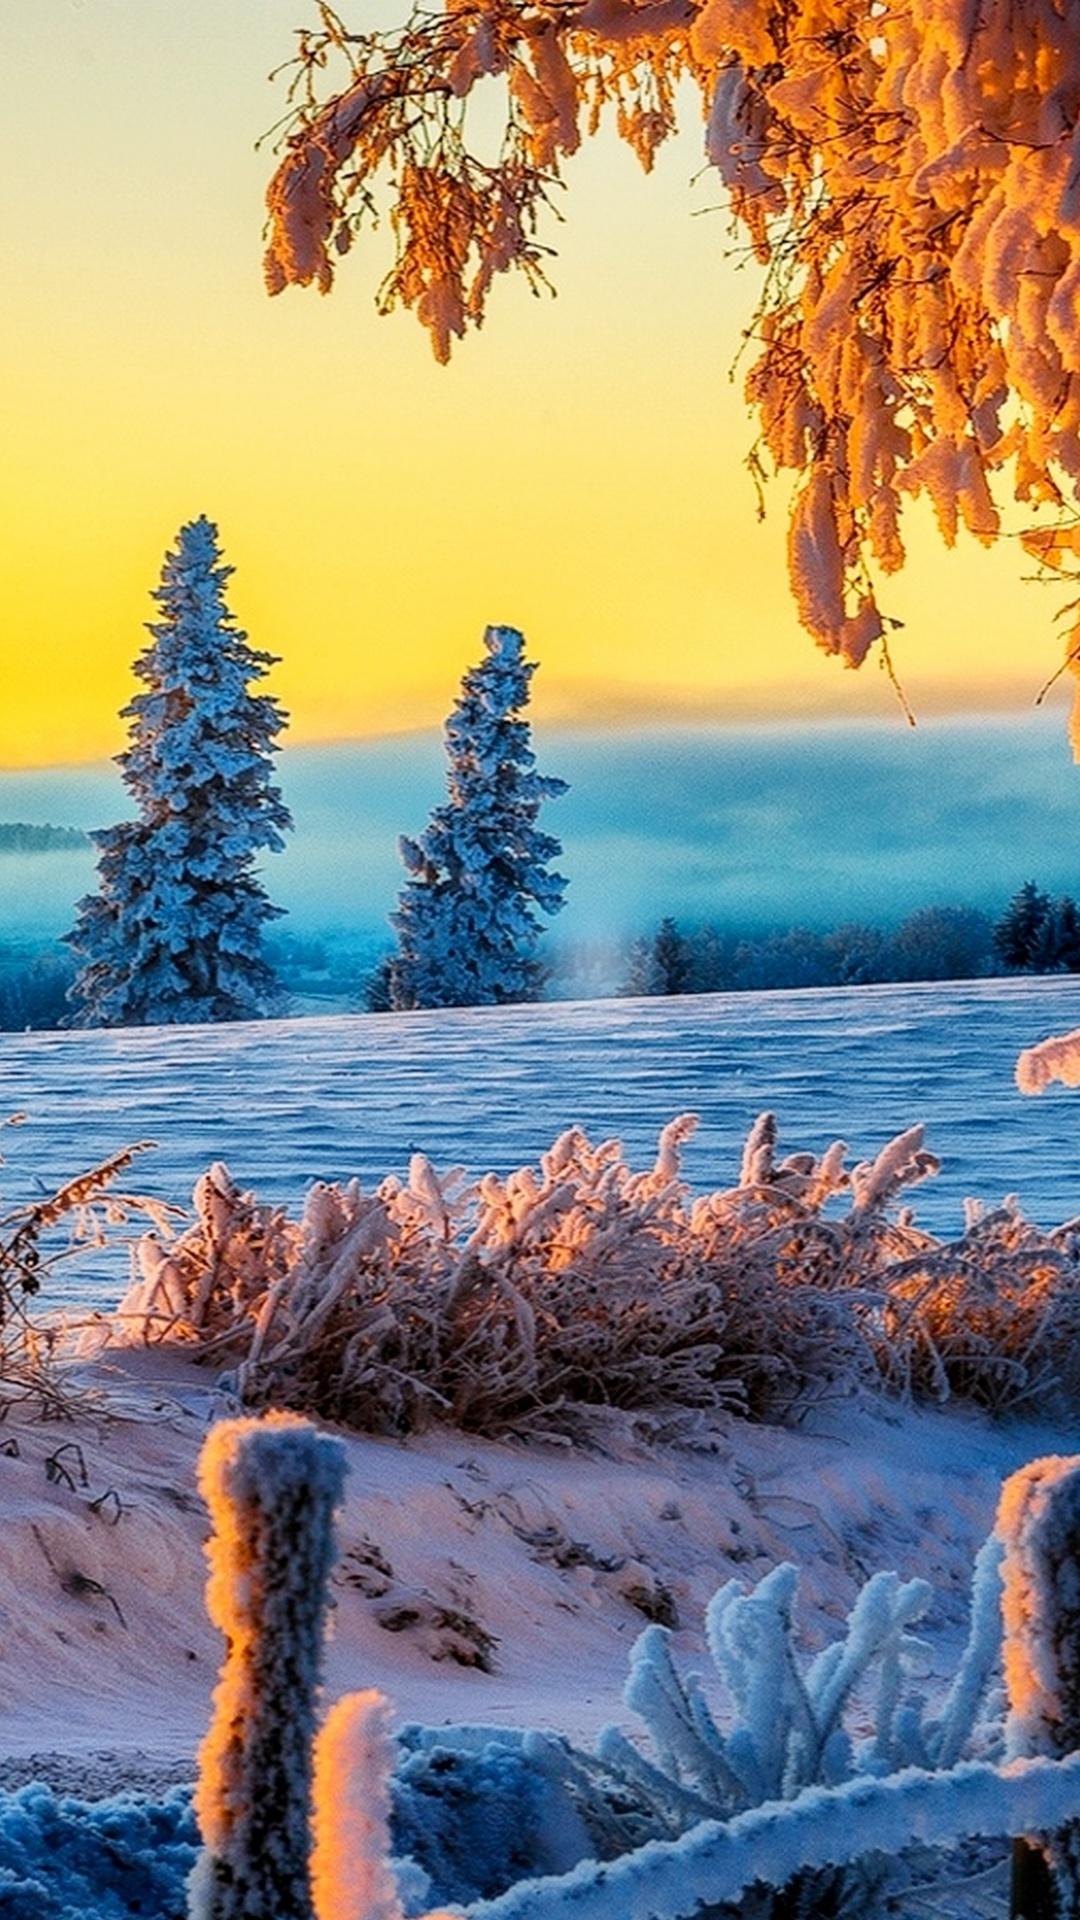 Wallpaper 4k Ultra Hd Winter Nature Wallpaper